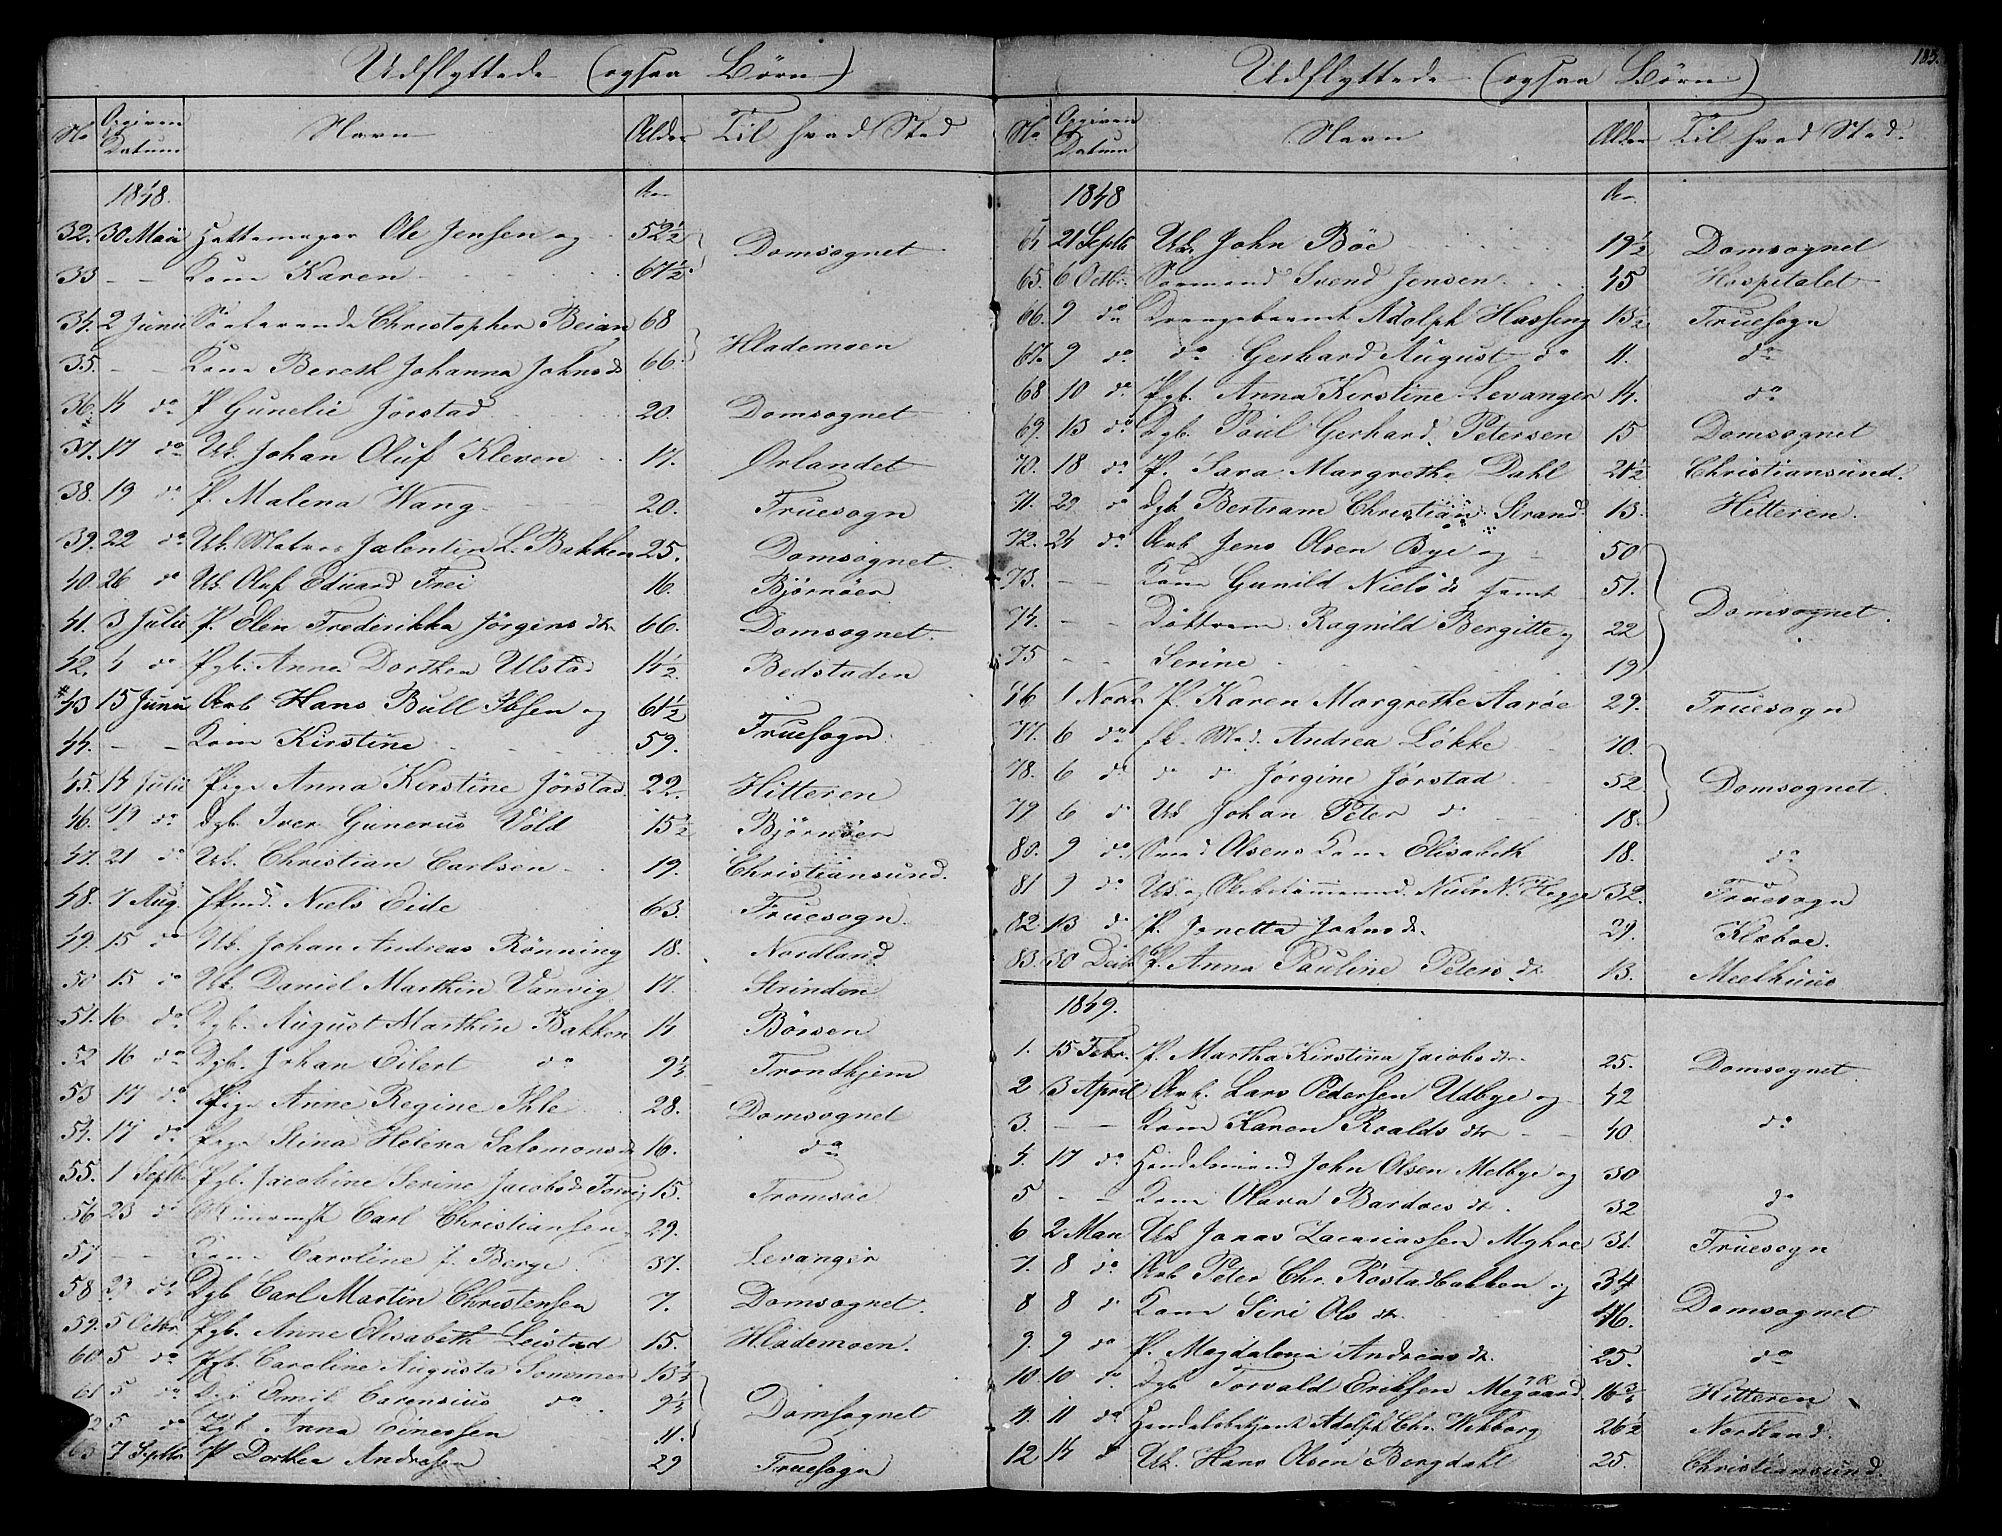 SAT, Ministerialprotokoller, klokkerbøker og fødselsregistre - Sør-Trøndelag, 604/L0182: Ministerialbok nr. 604A03, 1818-1850, s. 183